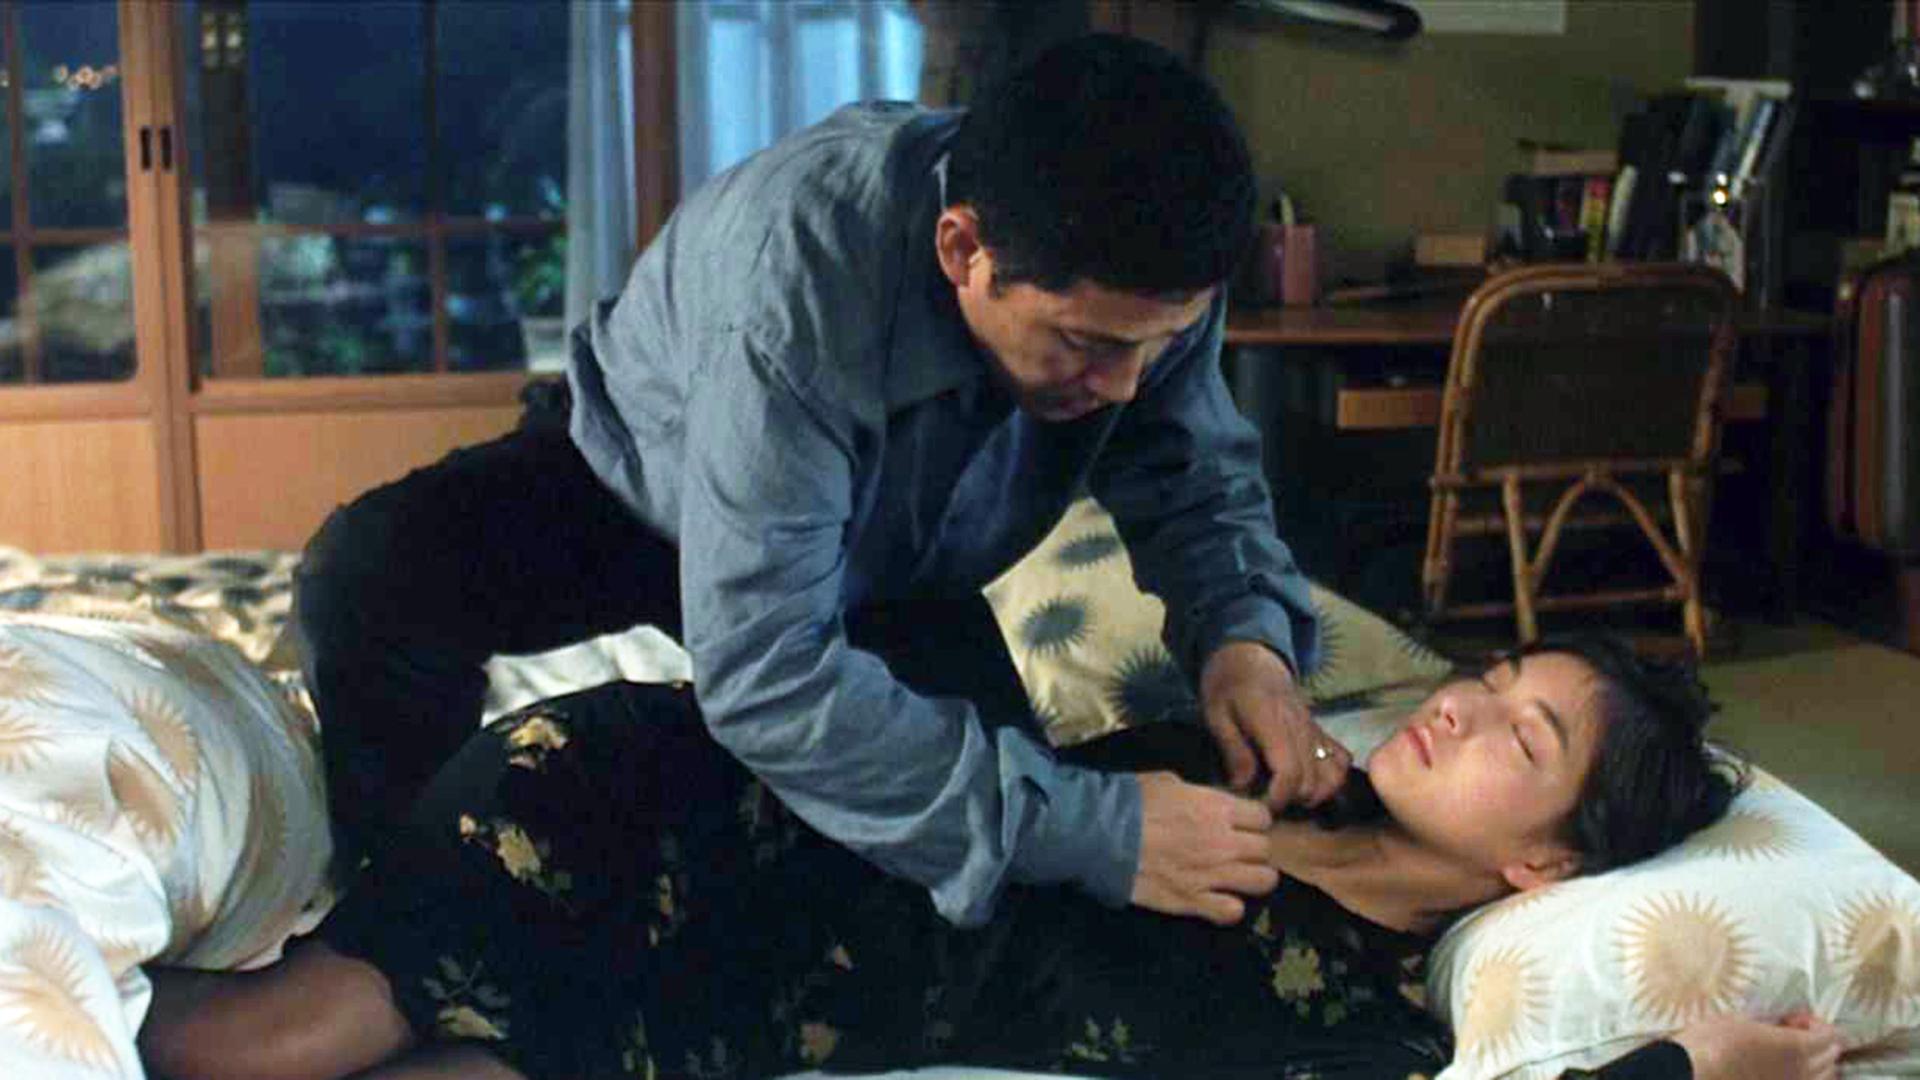 车祸后妻子灵魂进入女儿身体,丈夫左右为难,选择将妻子嫁给别人